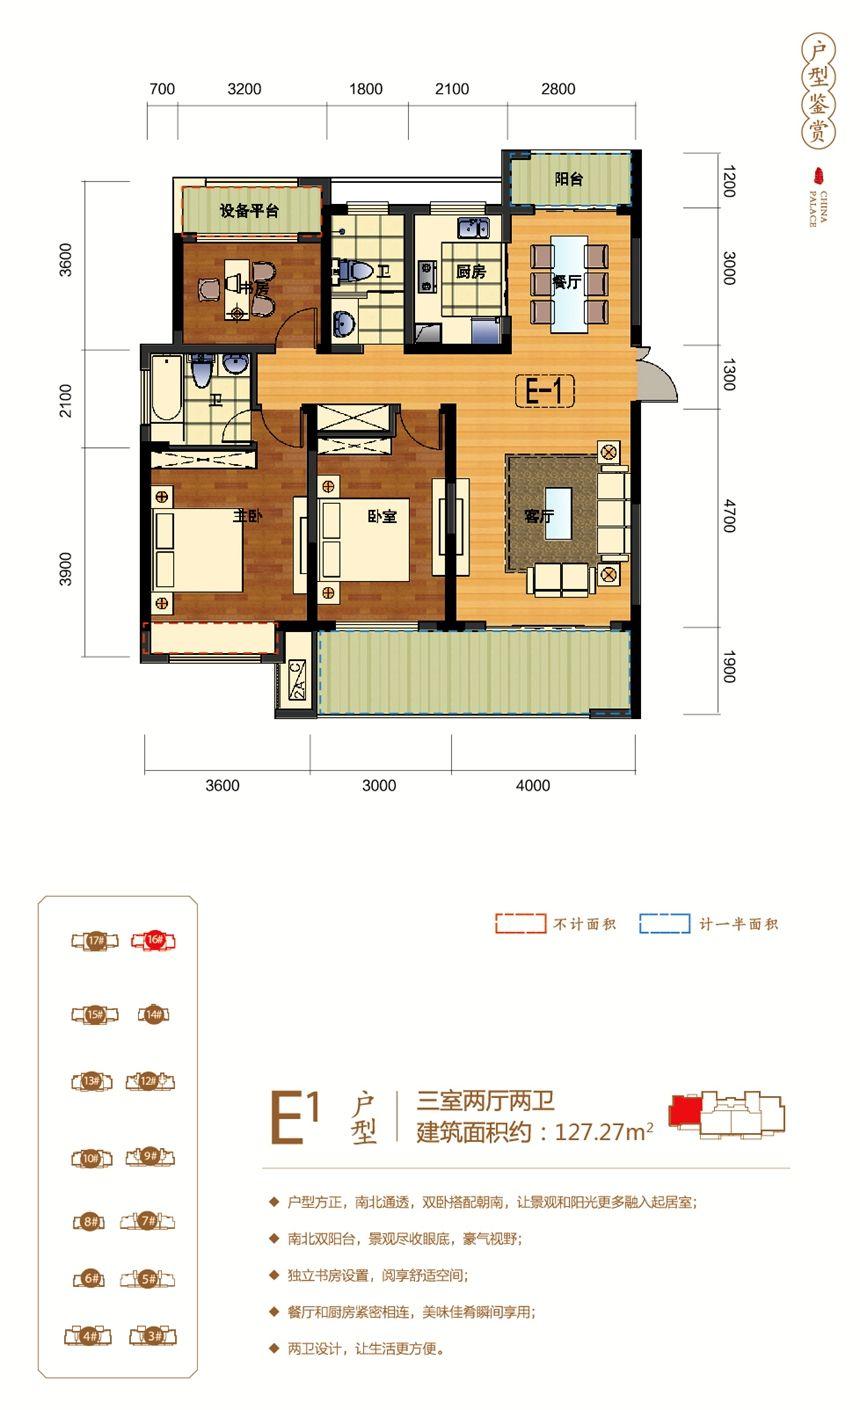 远大中国府紫京府紫京府E1户型3室2厅127.27平米